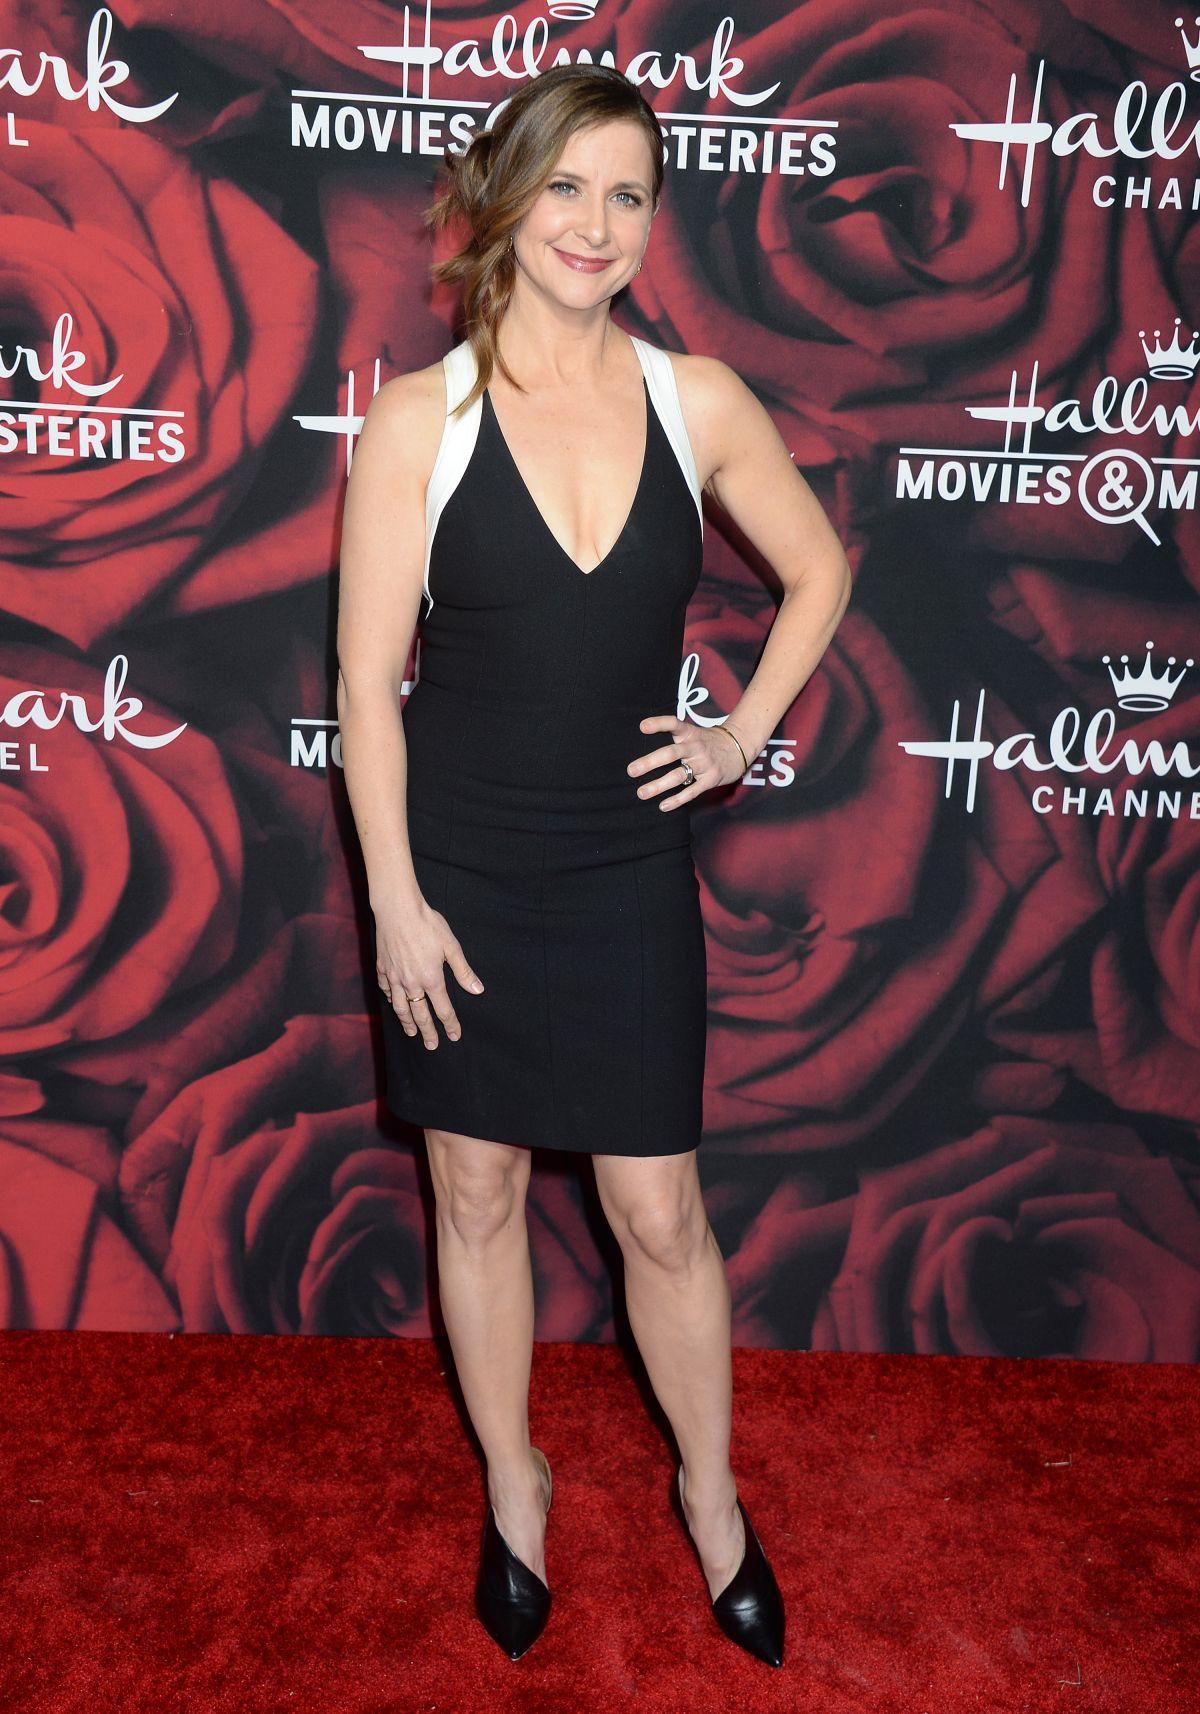 KALLIE MARTIN at Hallmark Channel 2017 TCA Winter Press Tour in Pasadena 01/14/2017